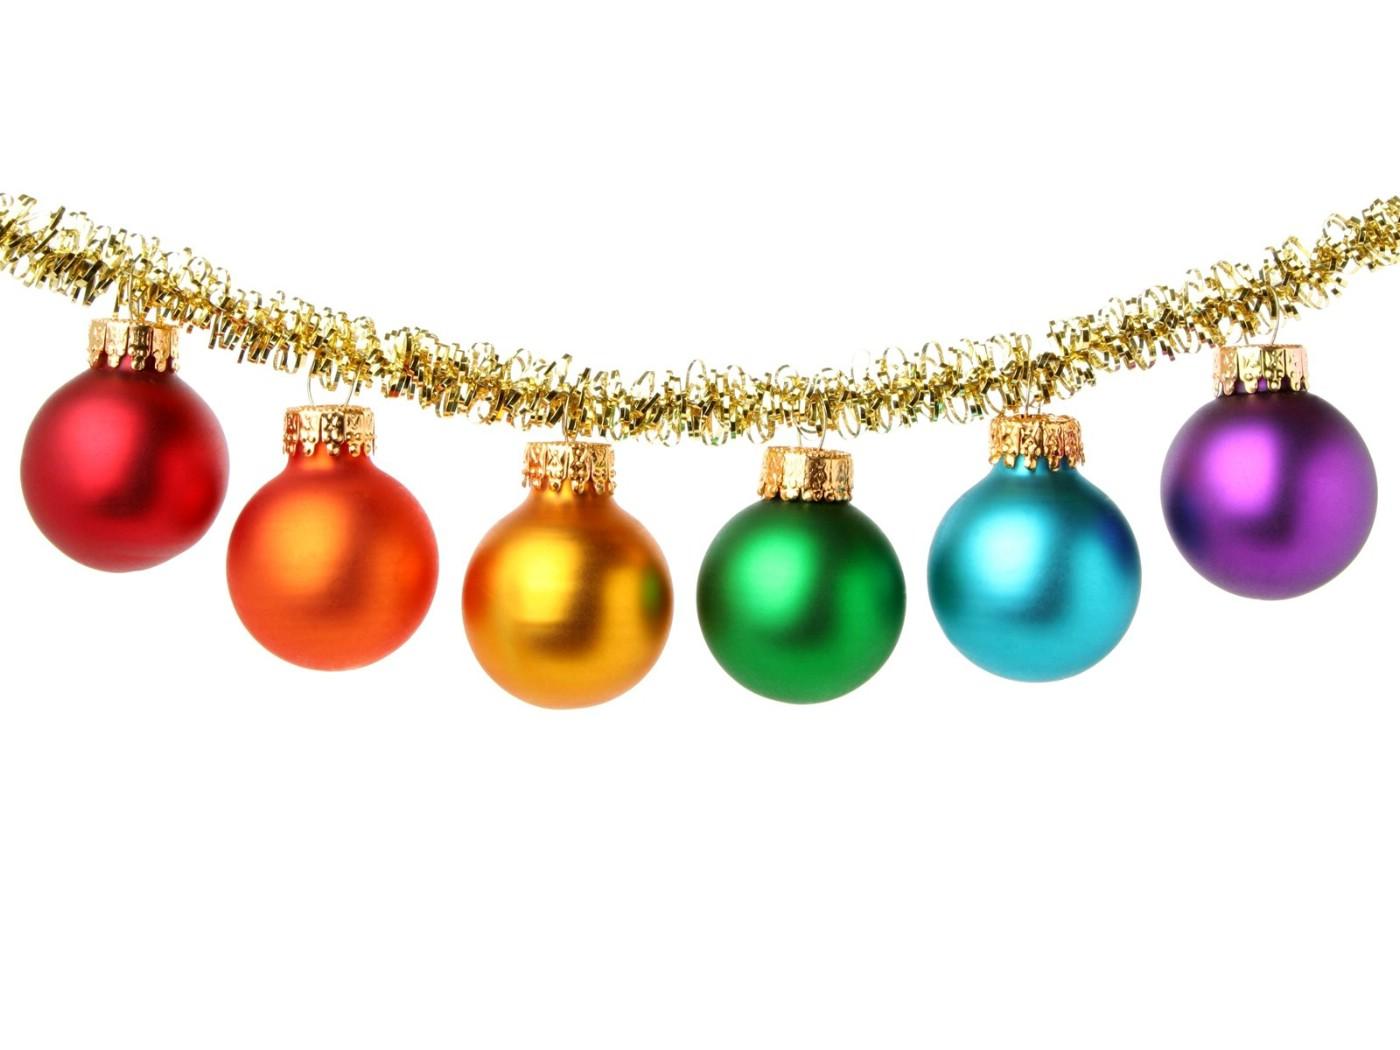 壁纸1400×1050圣诞节彩球挂件图片素材 1920 1600壁纸 五彩圣诞节彩球壁纸壁纸图片节日壁纸节日图片素材桌面壁纸